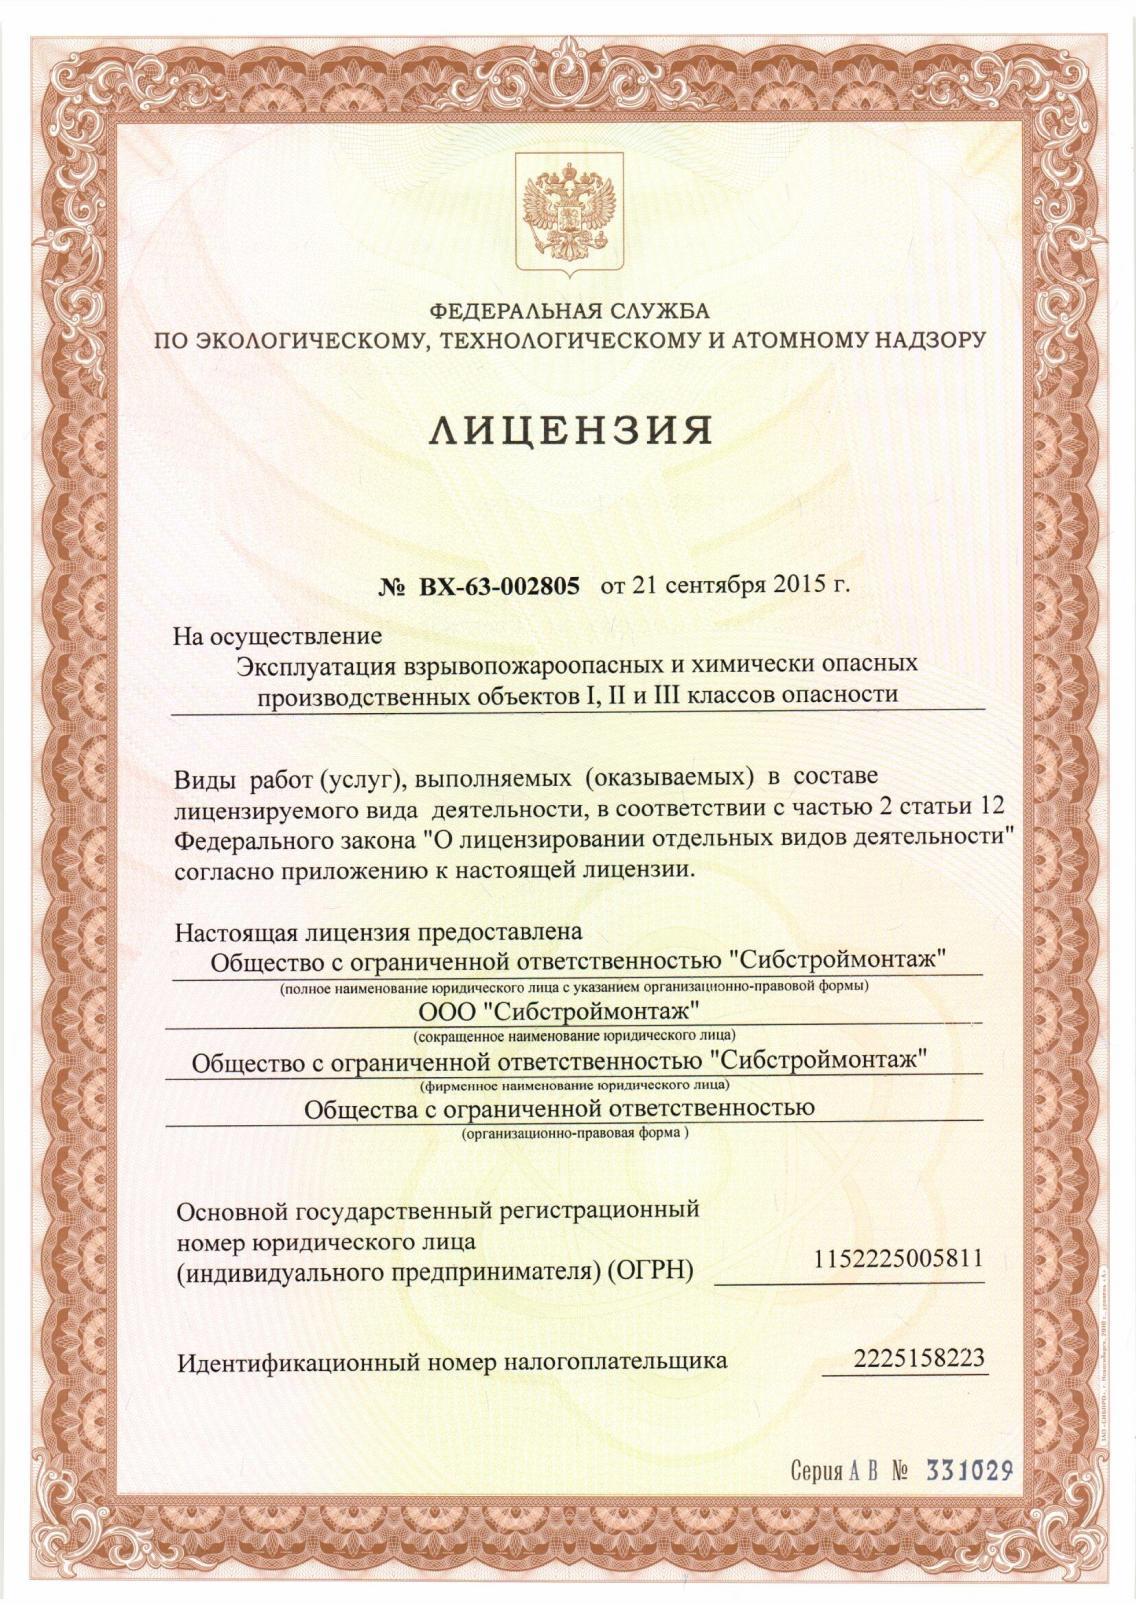 Лицензия эксплуатации взрывопожароопасных и химических опасных производственных объектов